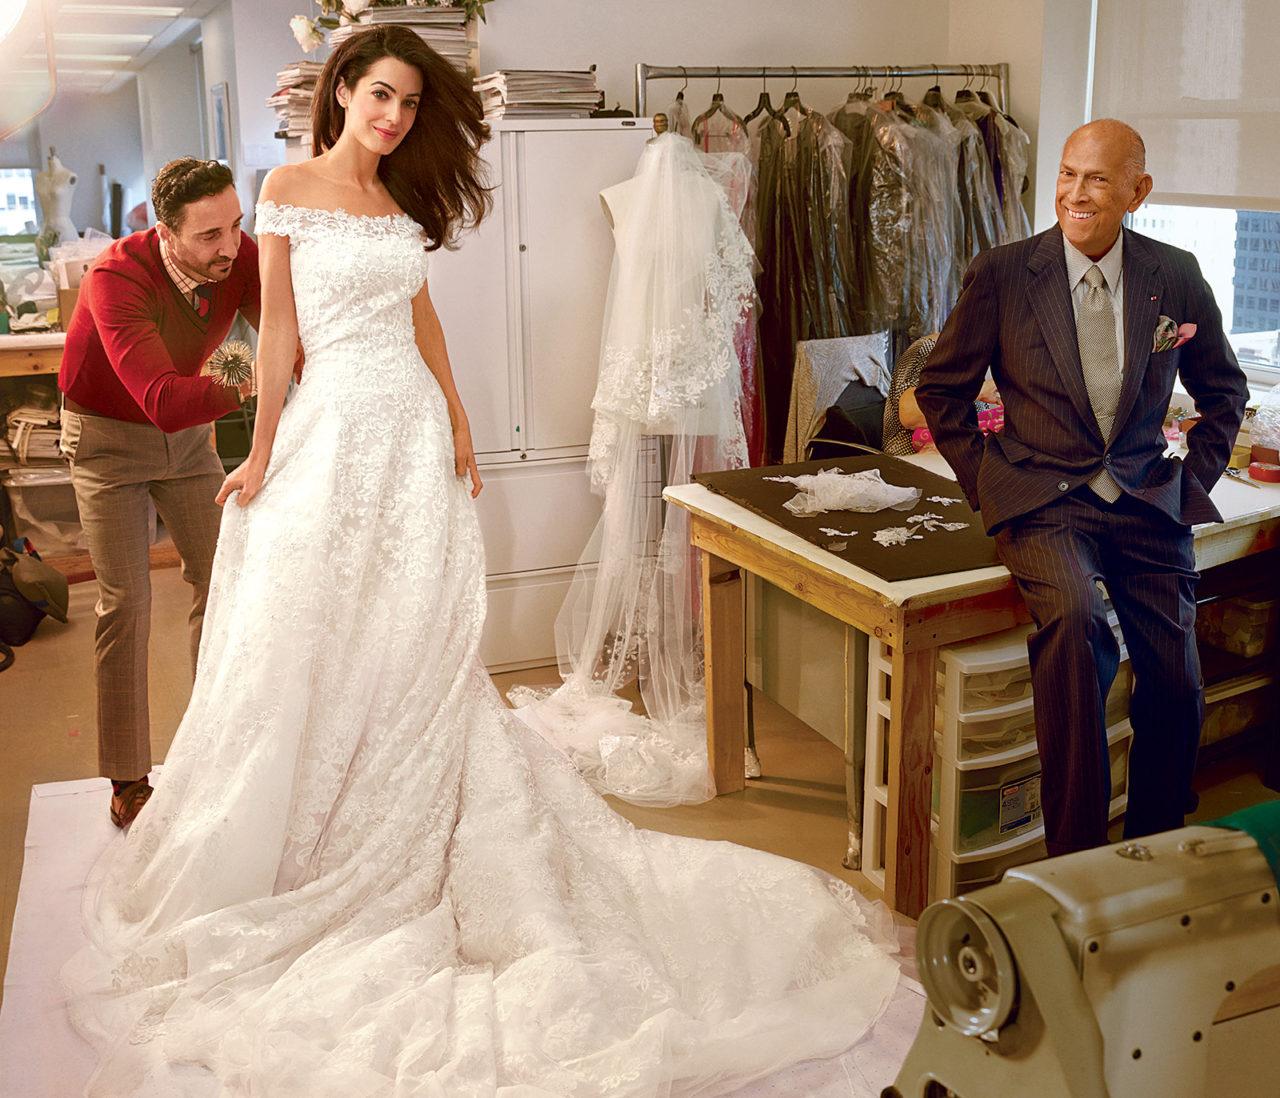 8 most stylish celebrity wedding dresses from 2014 weddingsonline amalalamuddinoscardelarentaweddingdress junglespirit Gallery